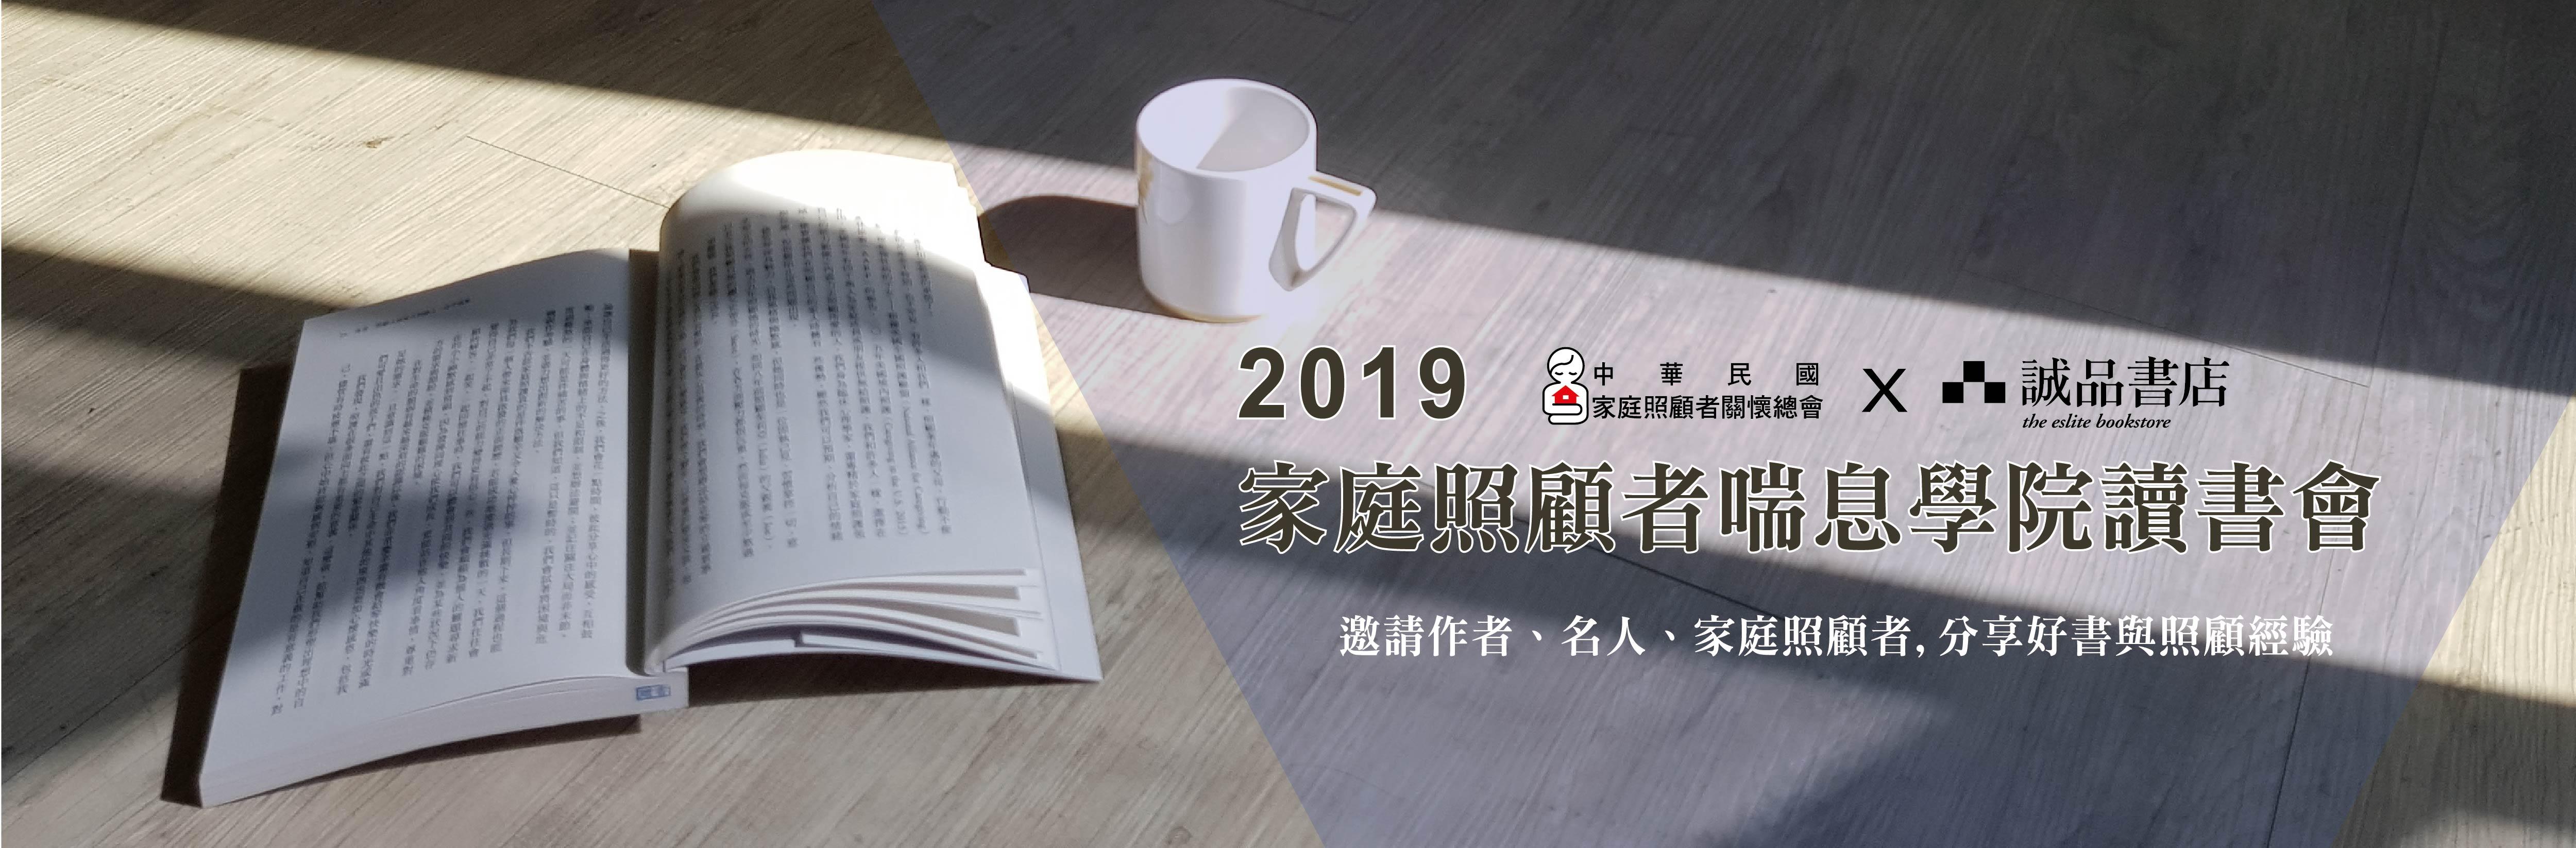 2019喘息學院讀書會